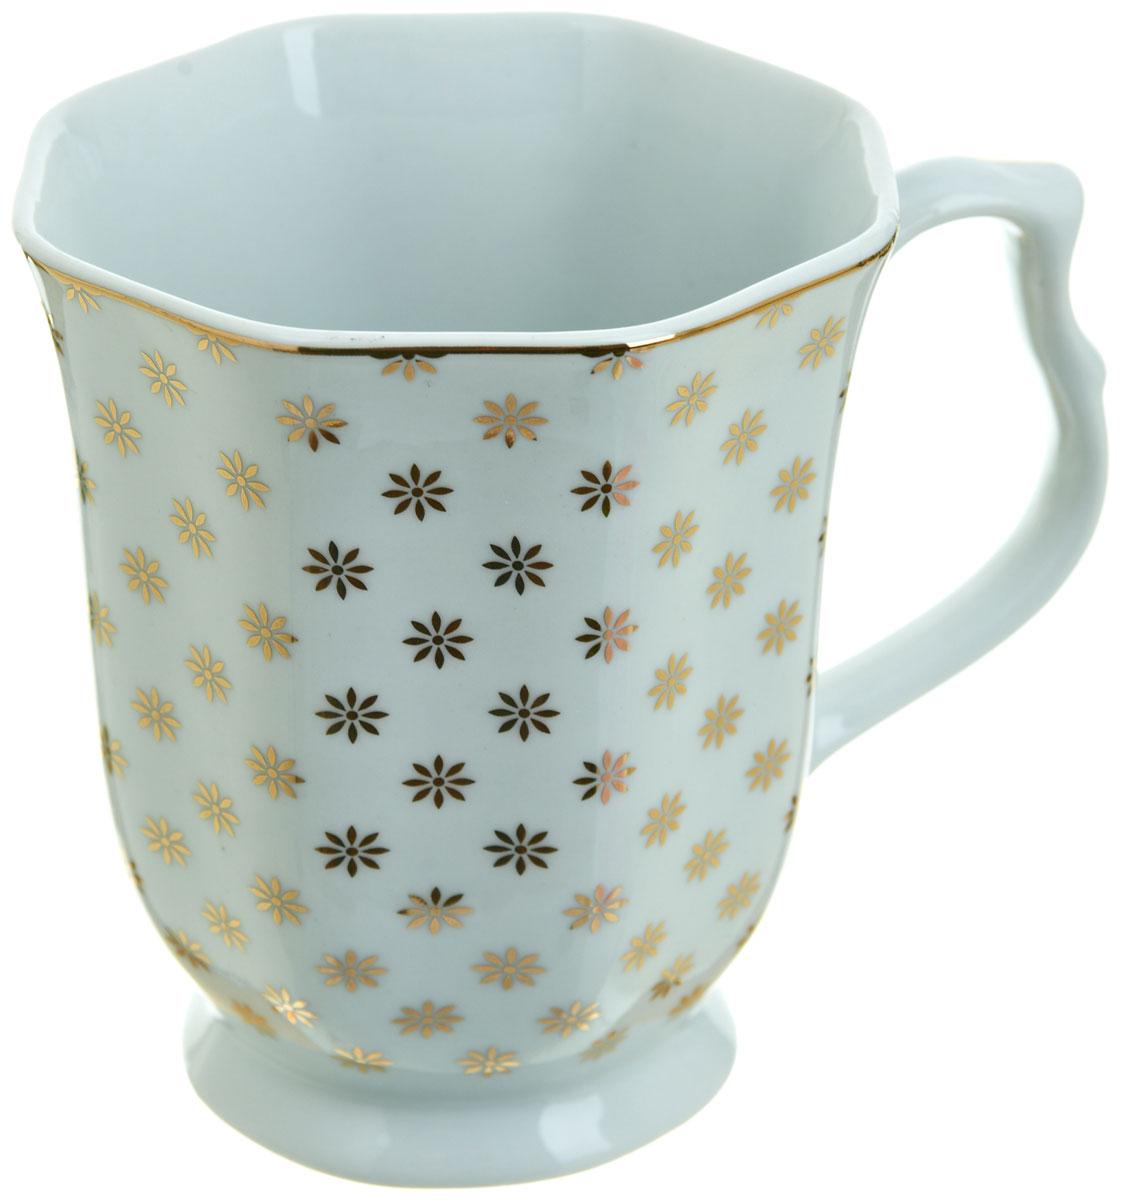 Кружка BHP Золотой каприз, 350 мл391602Оригинальная кружка Best Home Porcelain, выполненная из высококачественного фарфора, сочетает в себе простой, утонченный дизайн с максимальной функциональностью. Оригинальность оформления придется по вкусу тем, кто ценит индивидуальность.Можно использовать в посудомоечной машине.